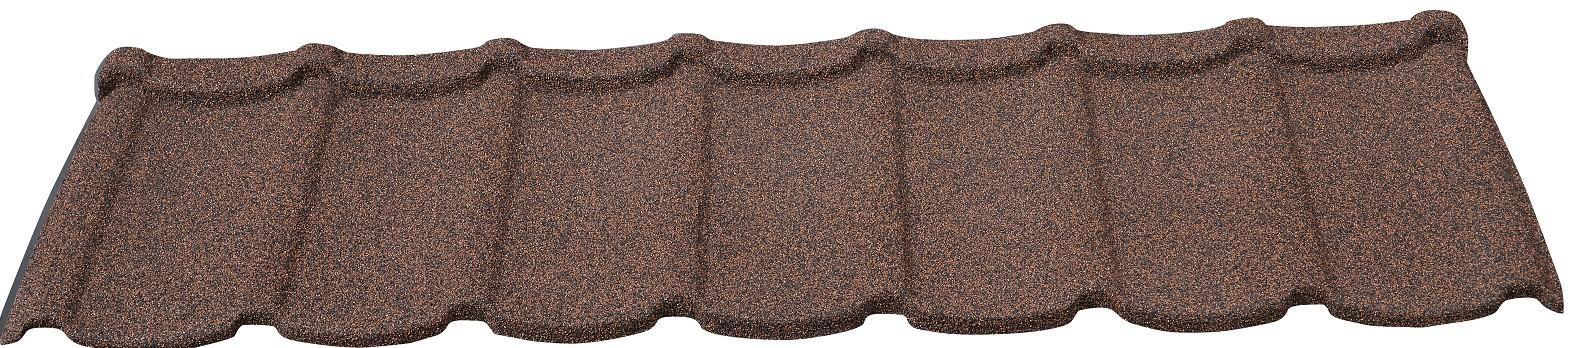 custom waterproof metal roof stone supply for Hotel-8